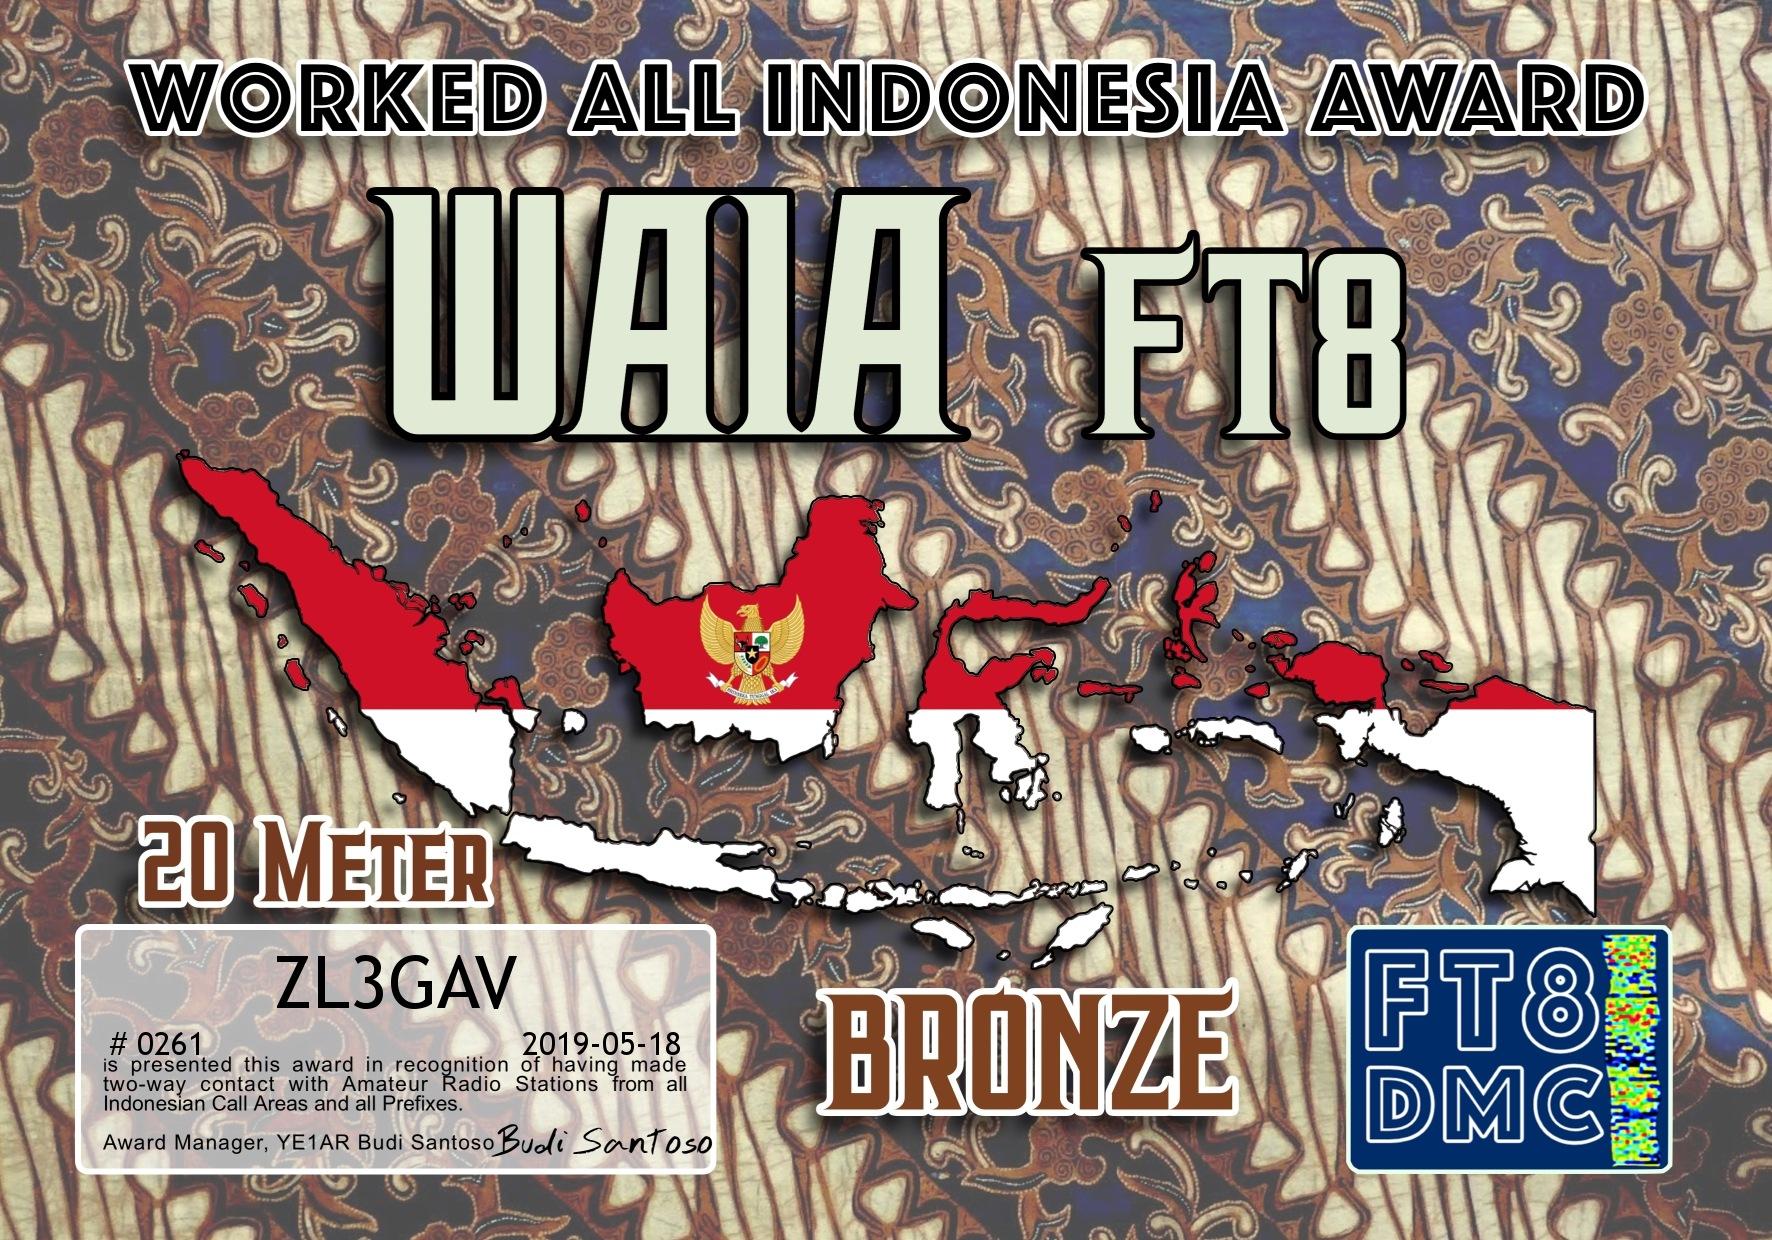 ZL3GAV-WAIA20-BRONZE.jpg